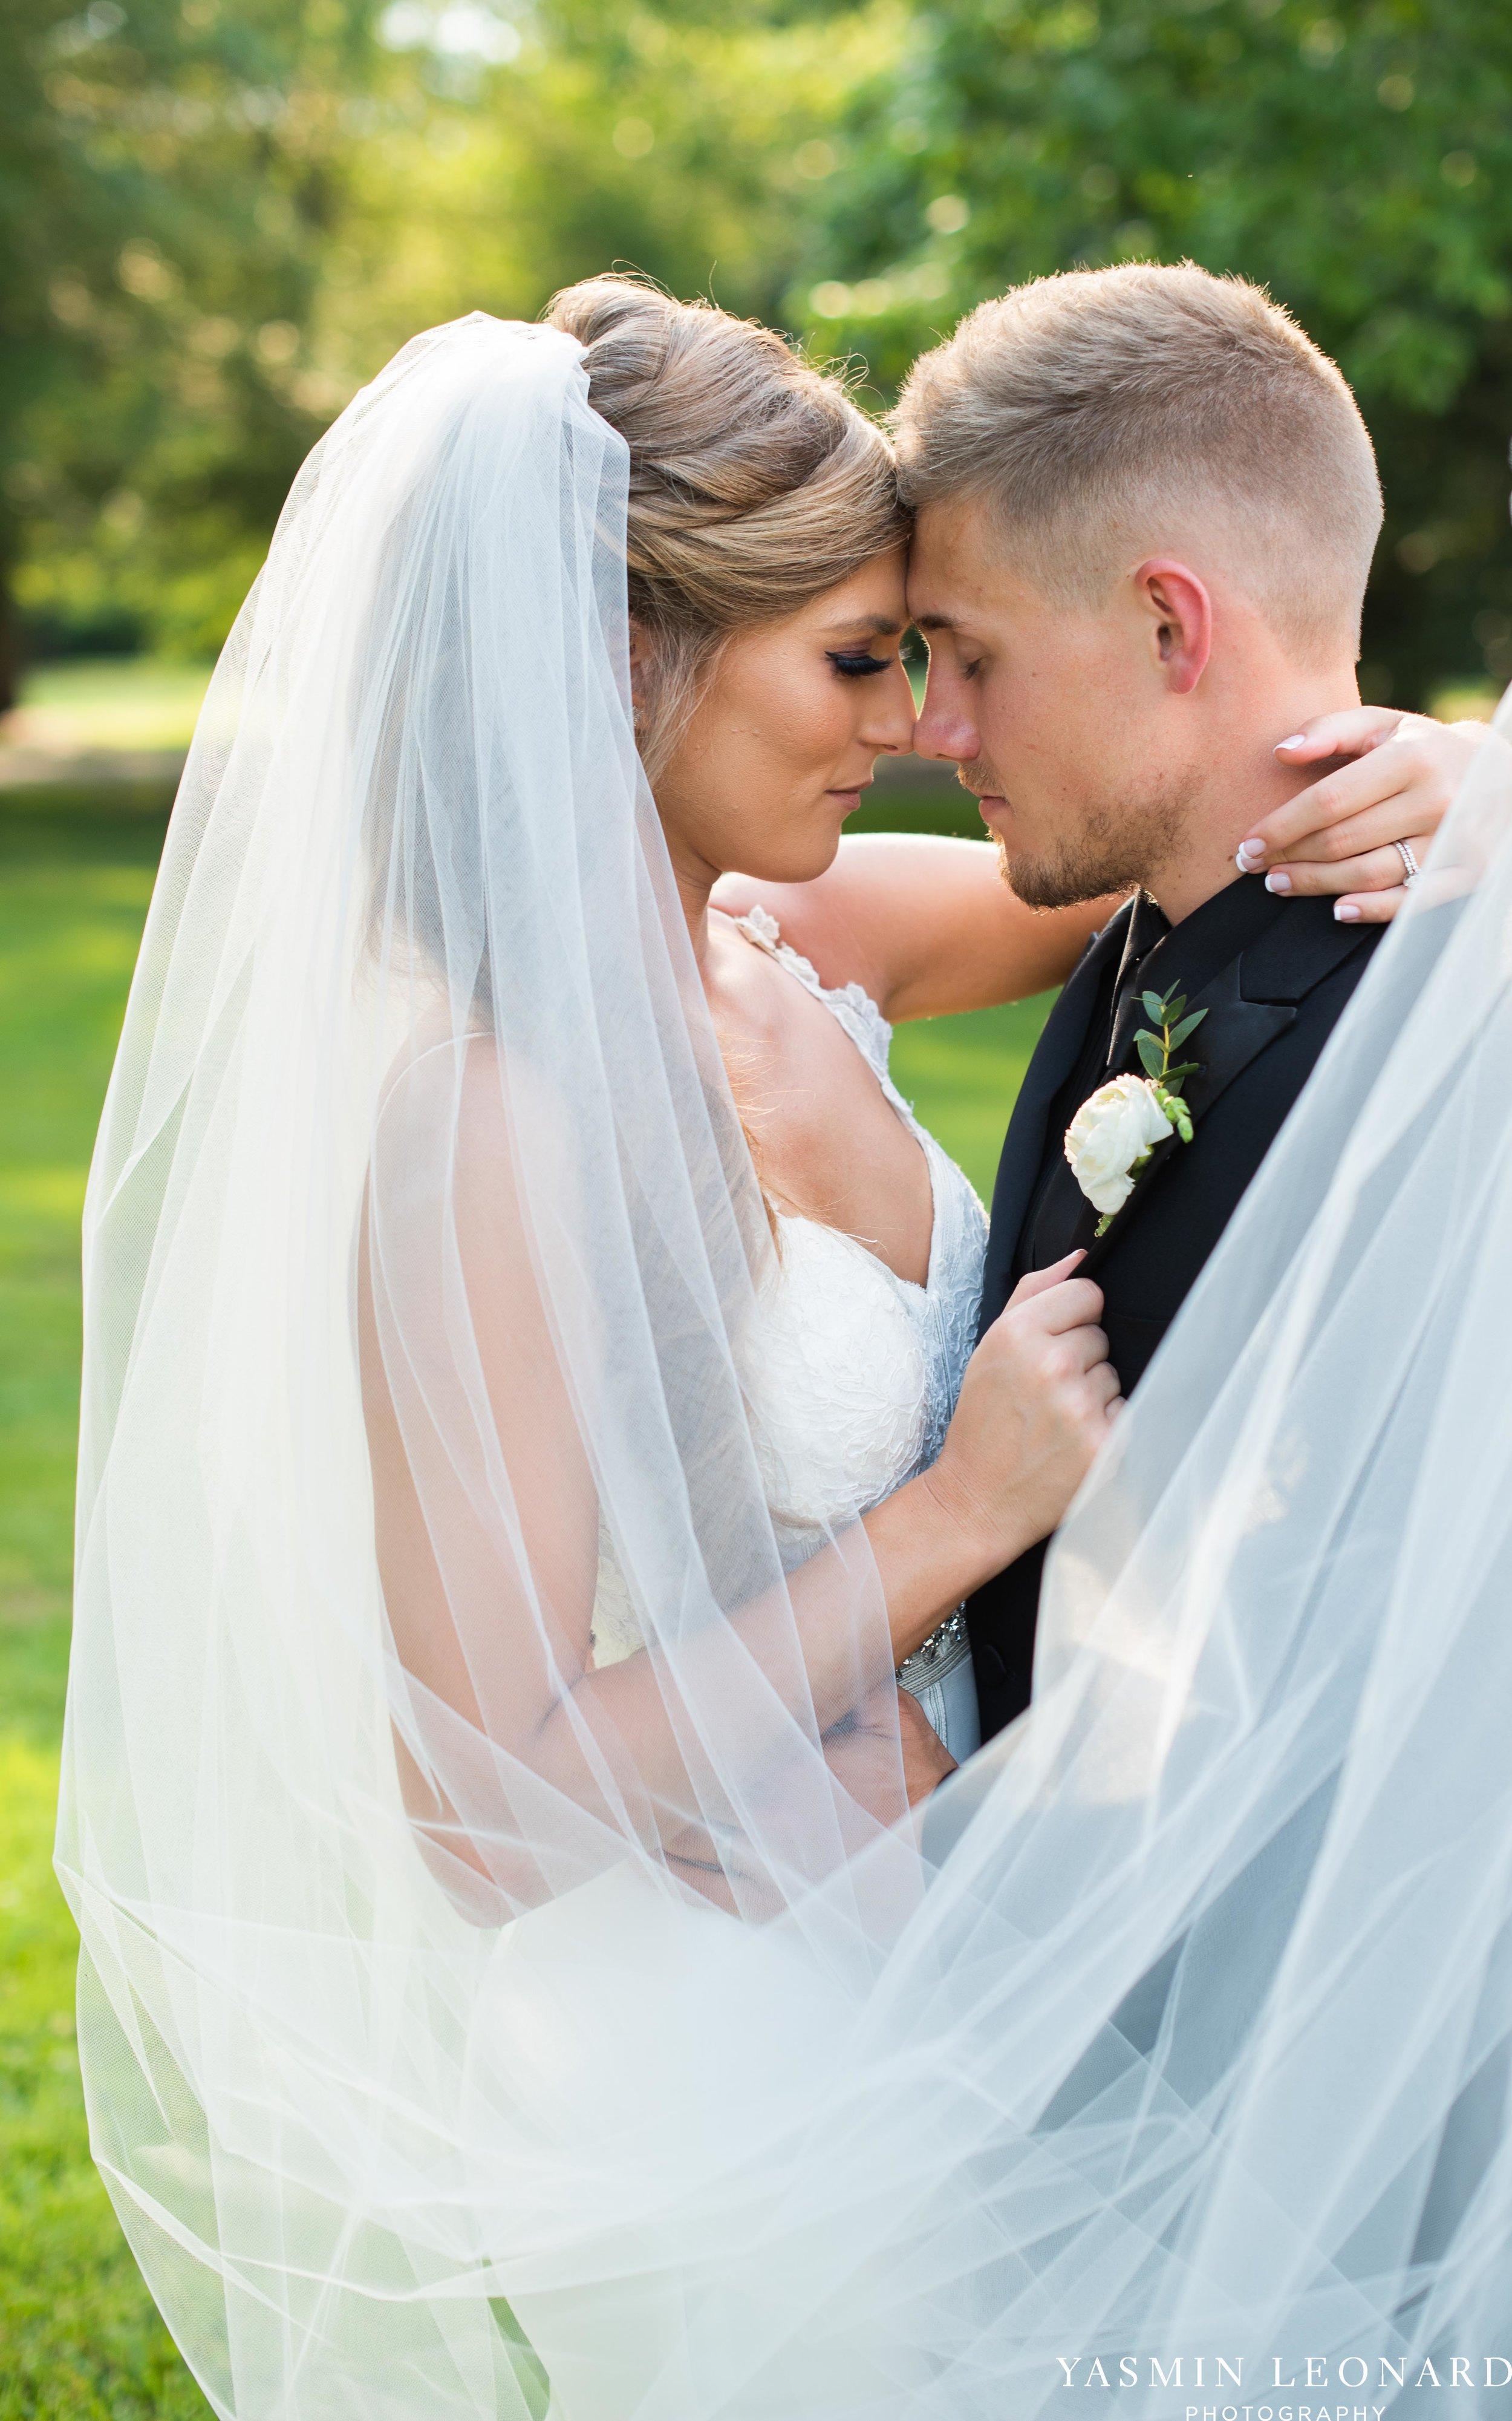 Boxwood Estate - Boxwood Estate Wedding - Luxury Wedding - Black and White Wedding - NC Wedding Venues - NC Weddings - NC Photographer - Lantern Release Grand Exit - Large Wedding Party - Yasmin Leonard Photography-42.jpg